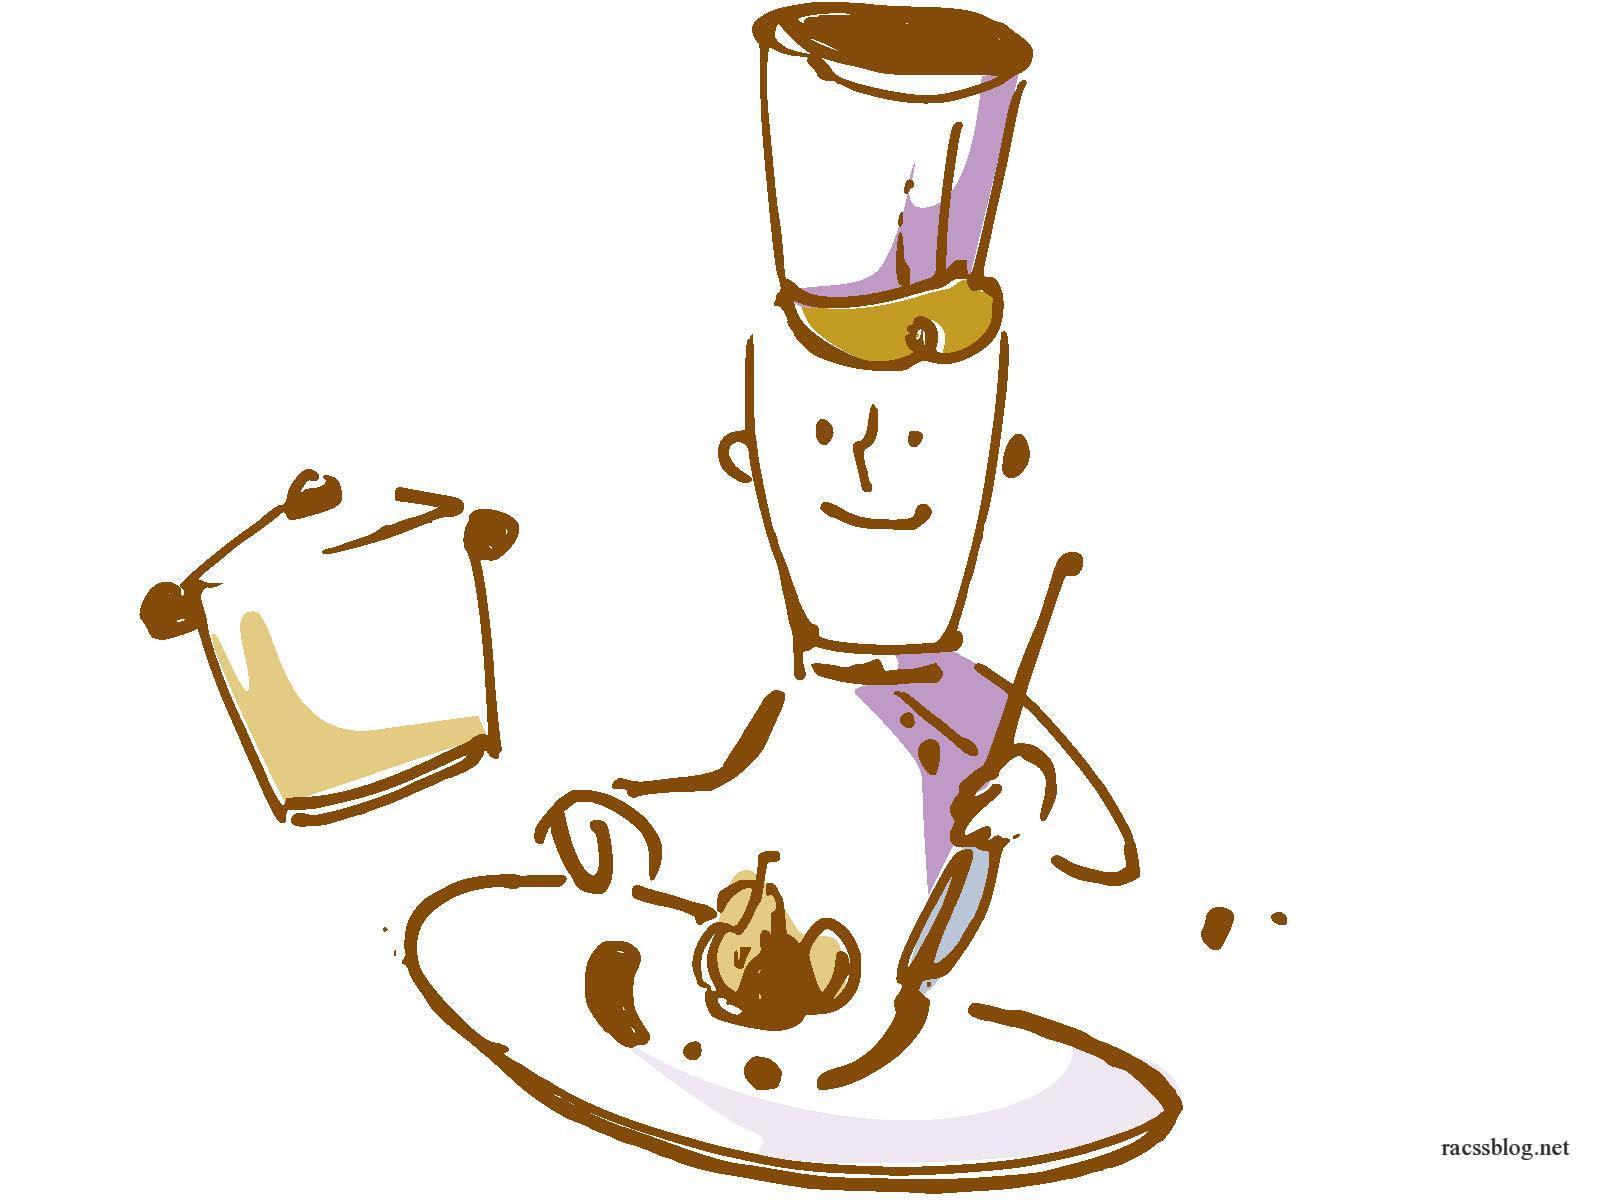 調理師の資格を主婦やパートさんがとるメリットとは?仕事に生かす方法